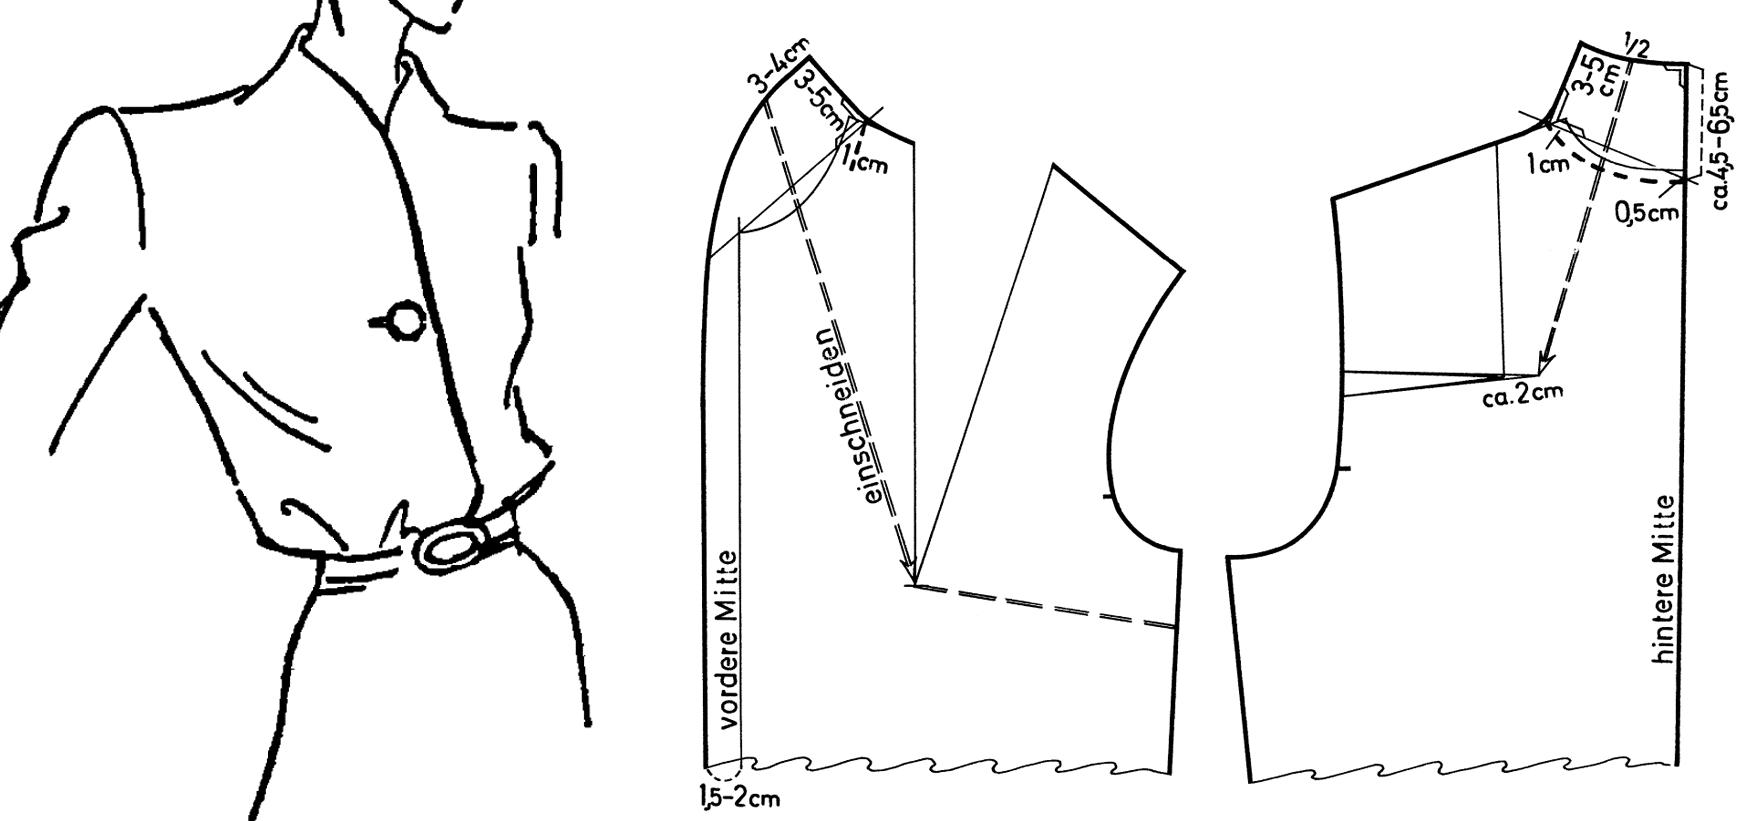 Zu sehen ist die Schnittkonstruktion eines angeschnittenen Stehkragens einer Damenbluse.